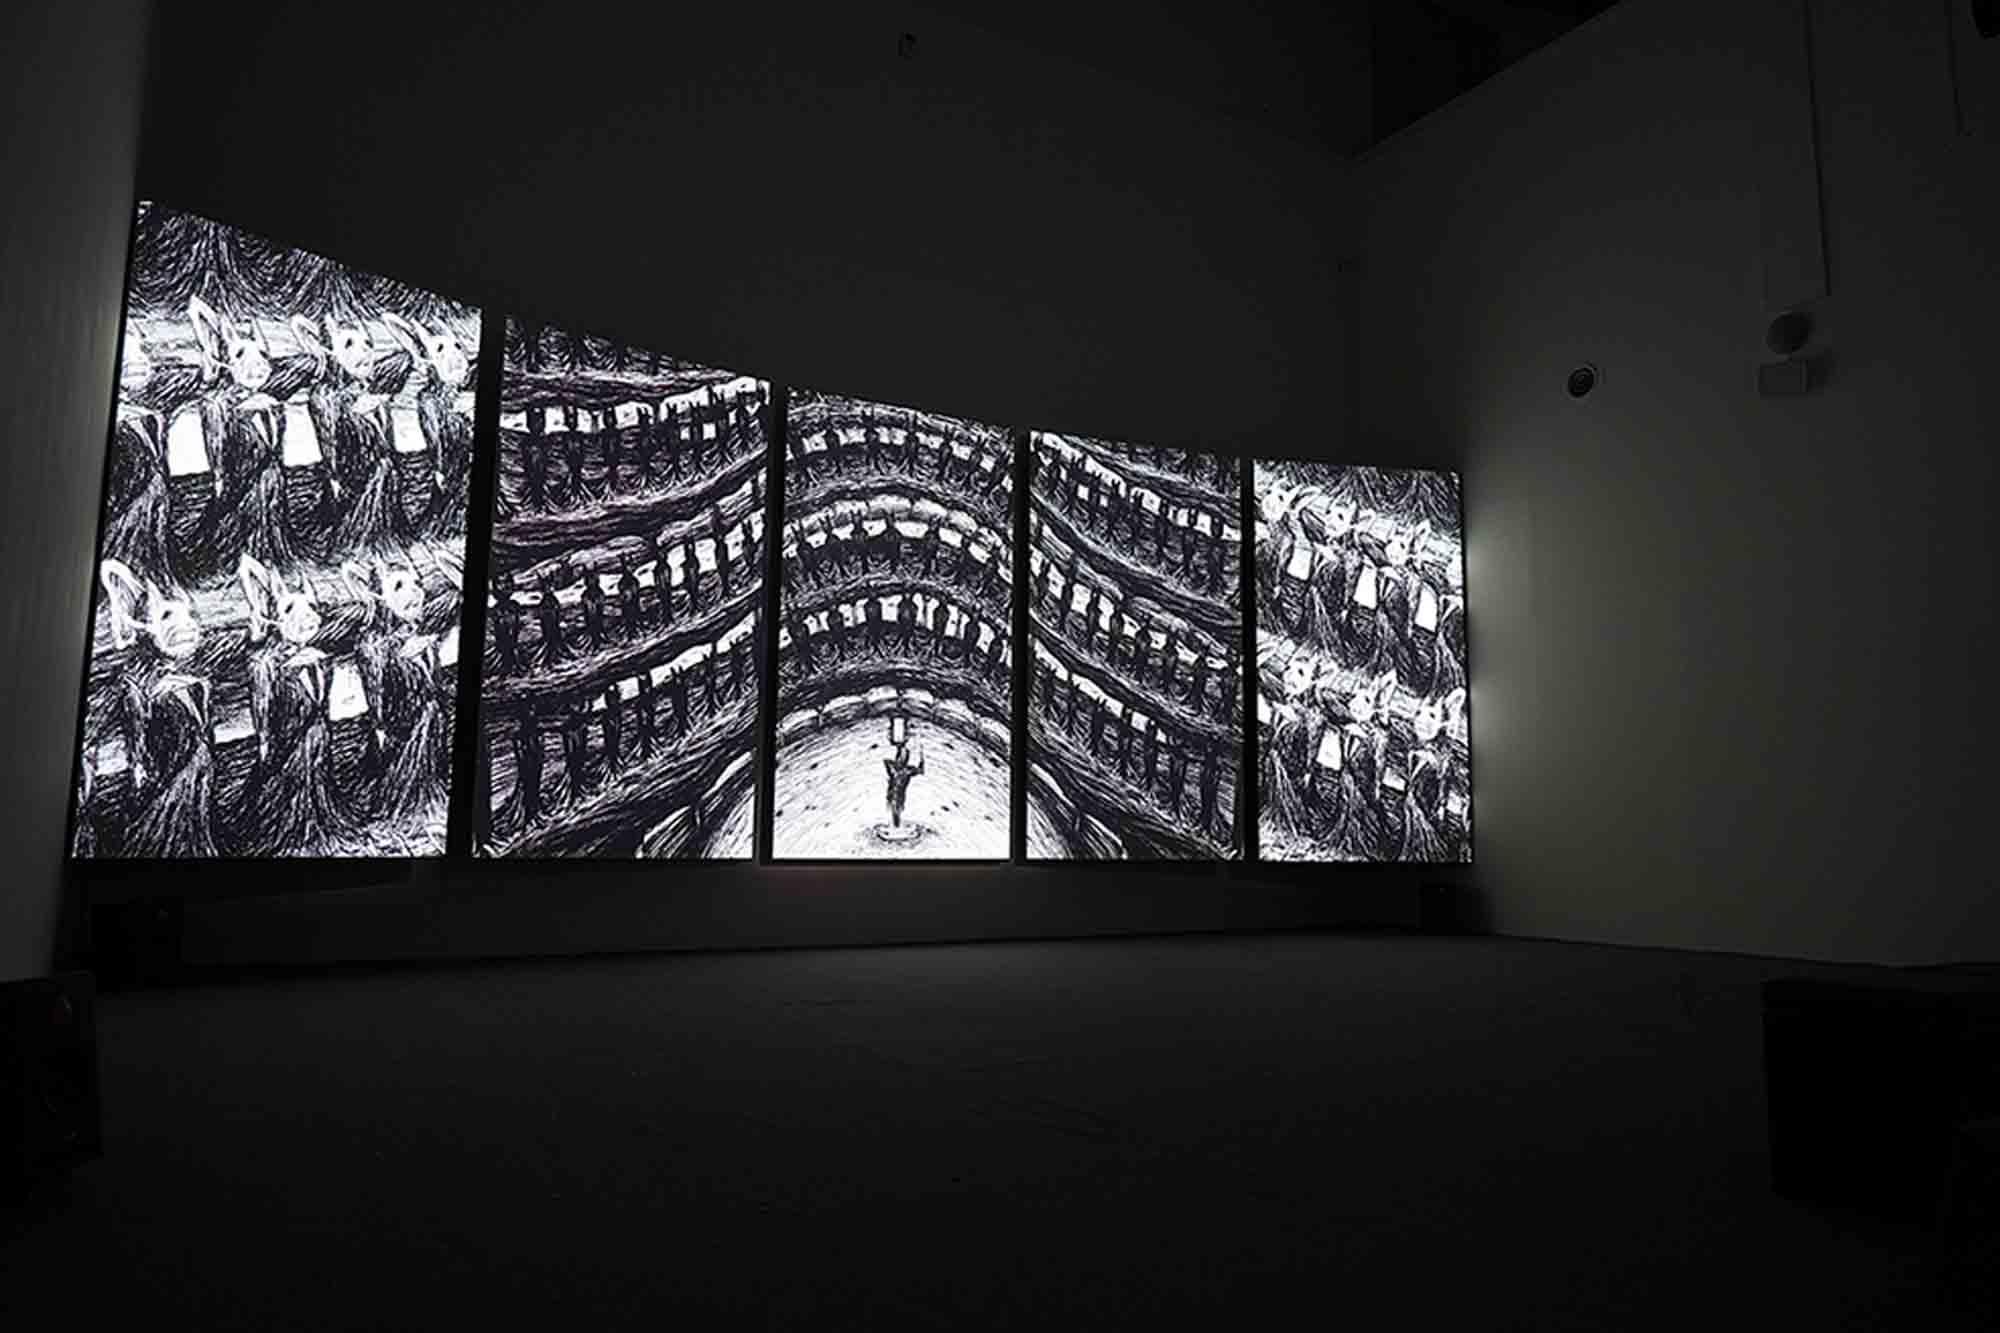 展場攝影,擷取自台灣美術雙年展網站